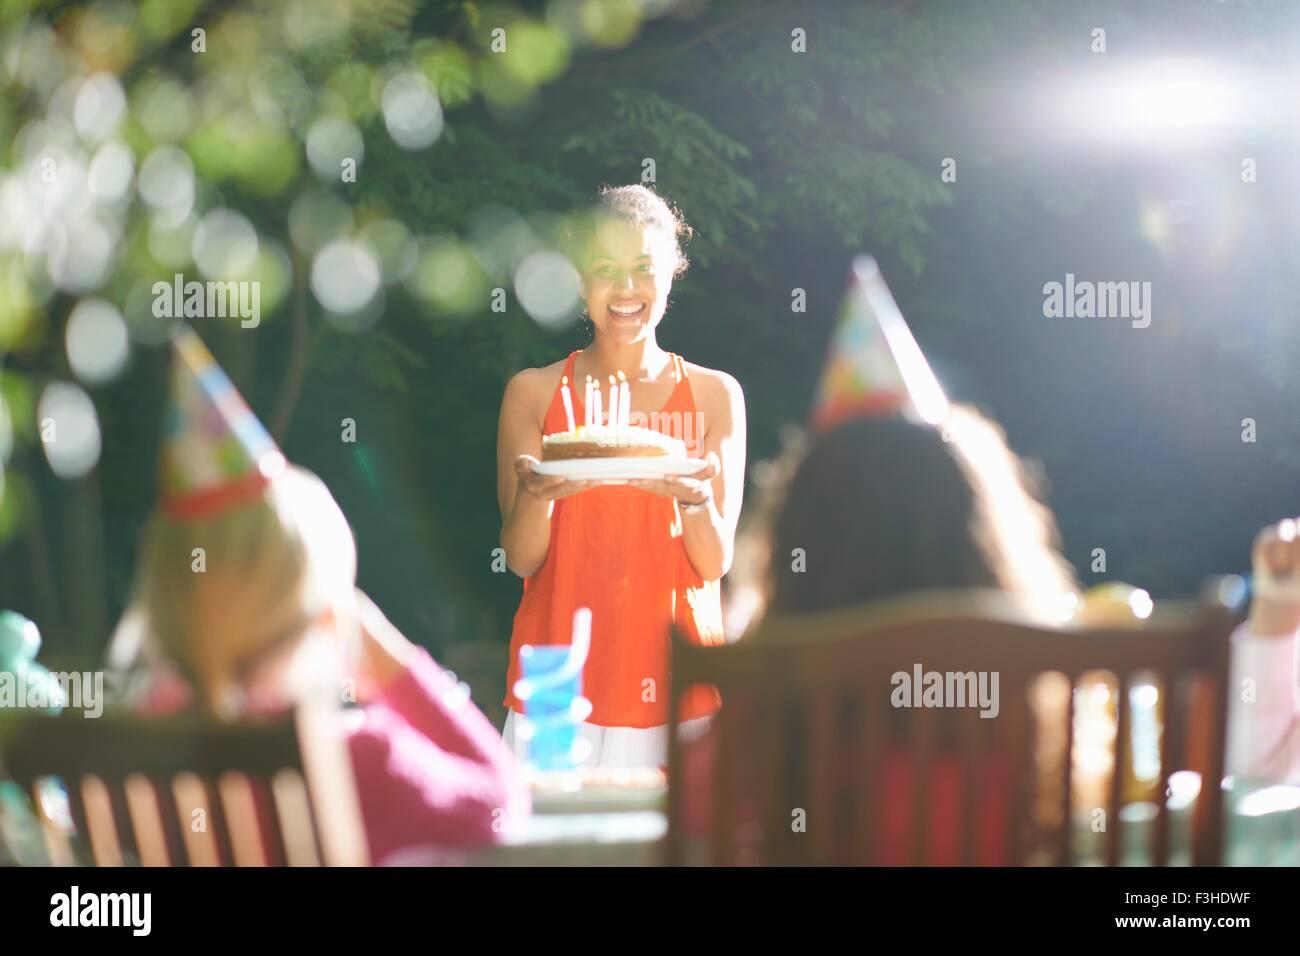 Madre con pastel de cumpleaños a la mesa en el jardín fiesta de cumpleaños Imagen De Stock